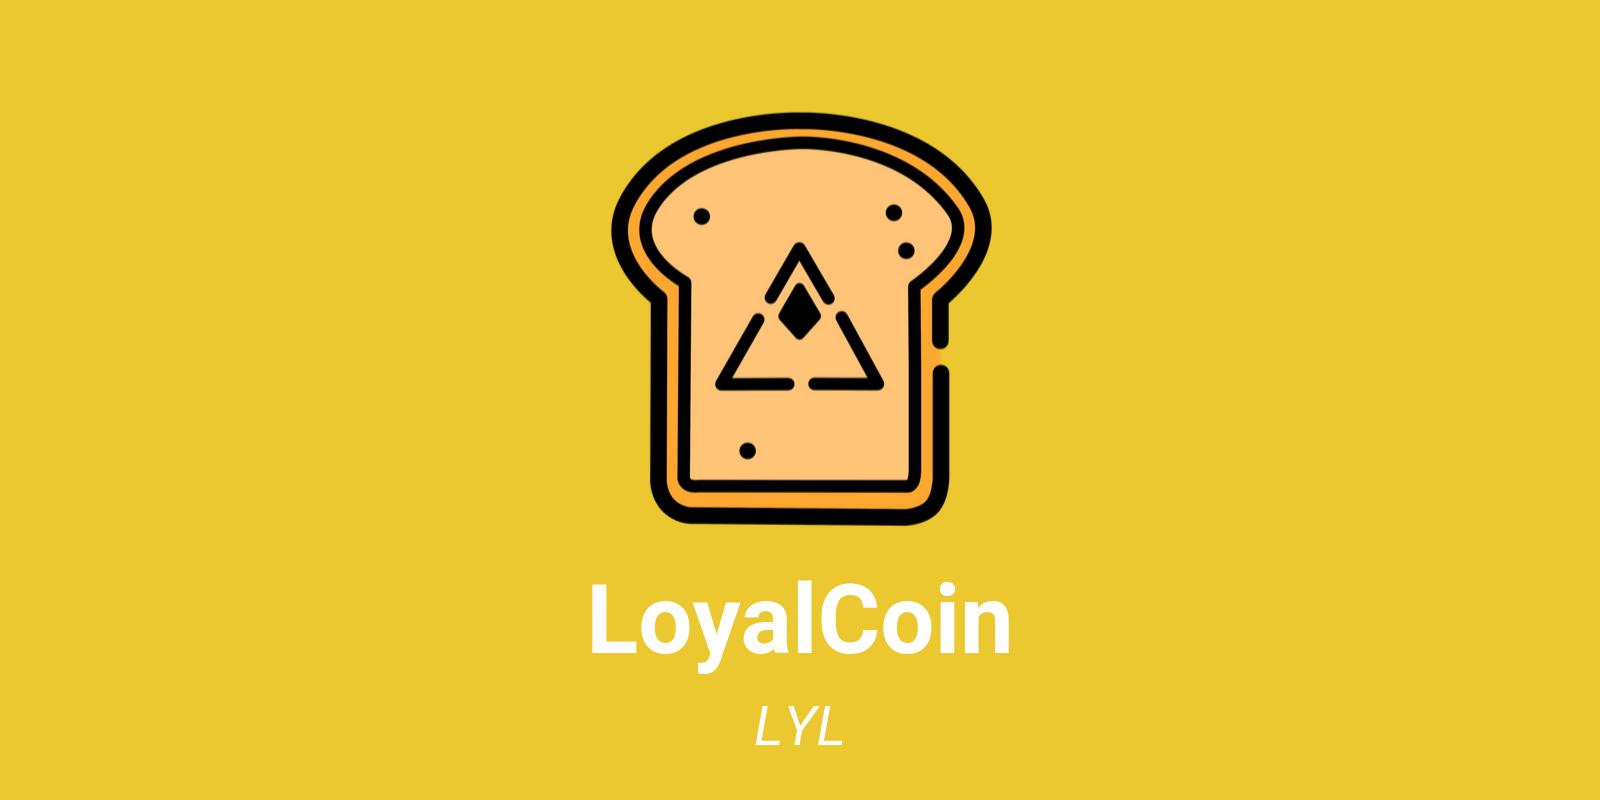 Qu'est-ce que LoyalCoin (LYL) et comment en acheter ?